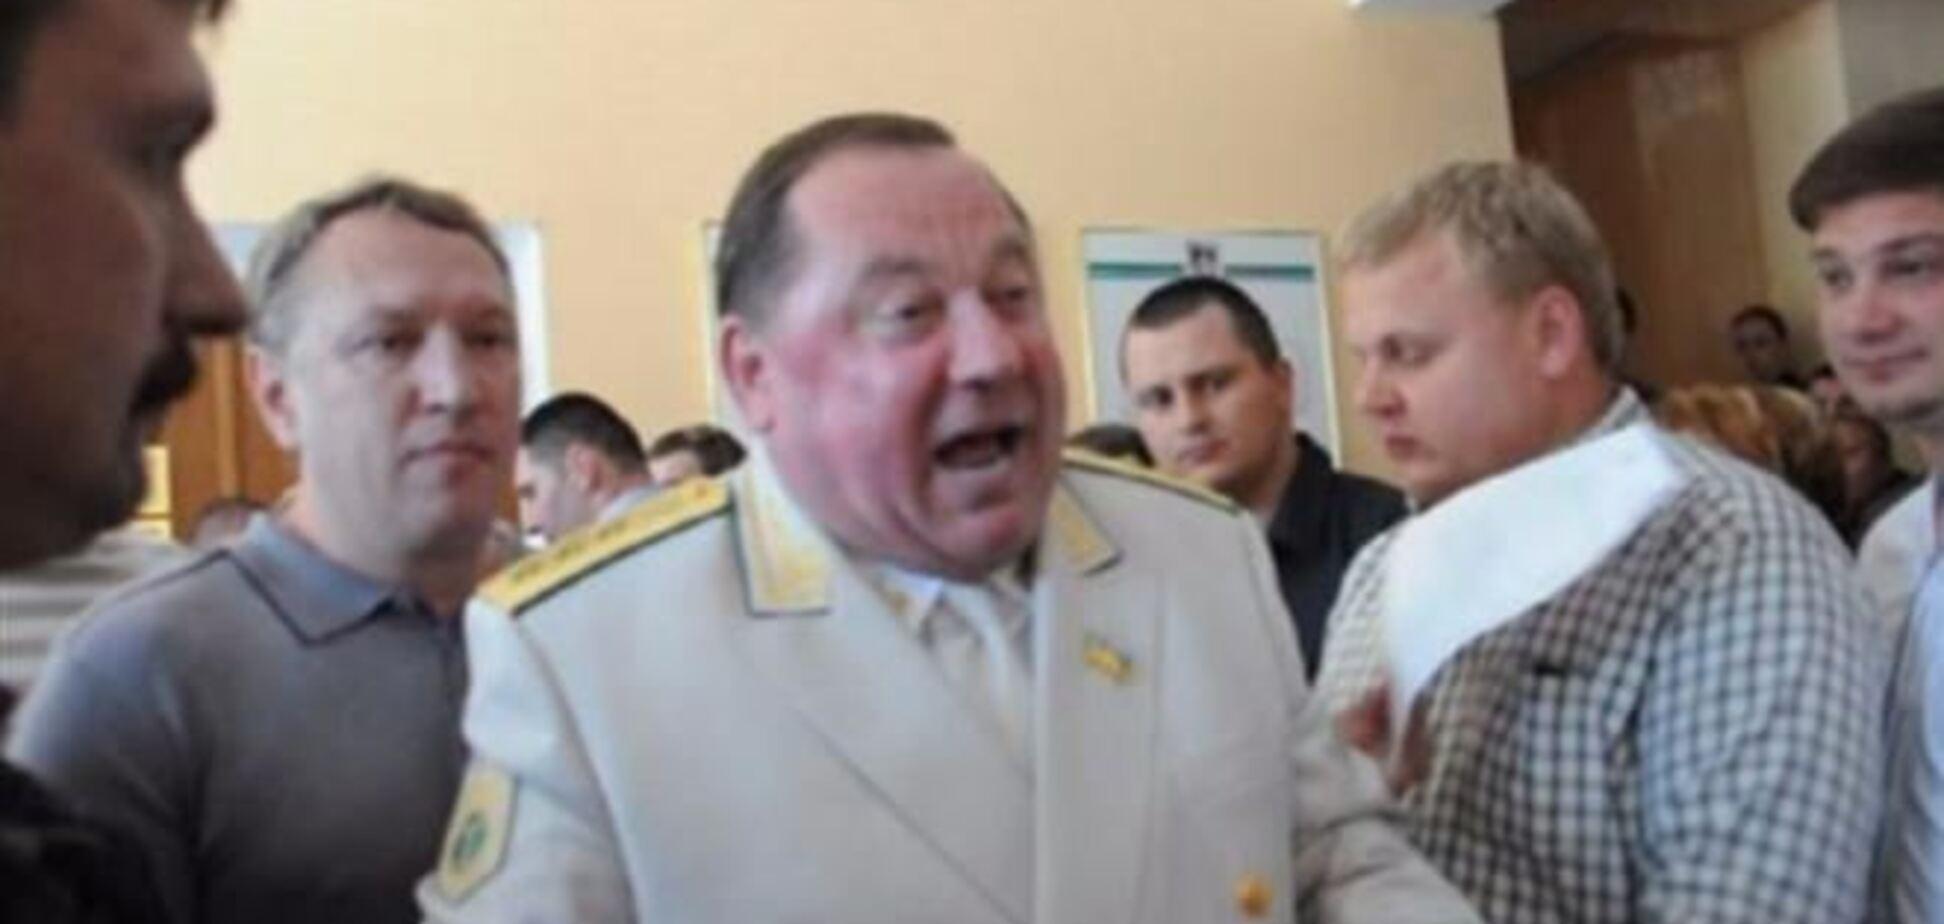 Міліція знала, що колишній ректор Мельник зняв браслет